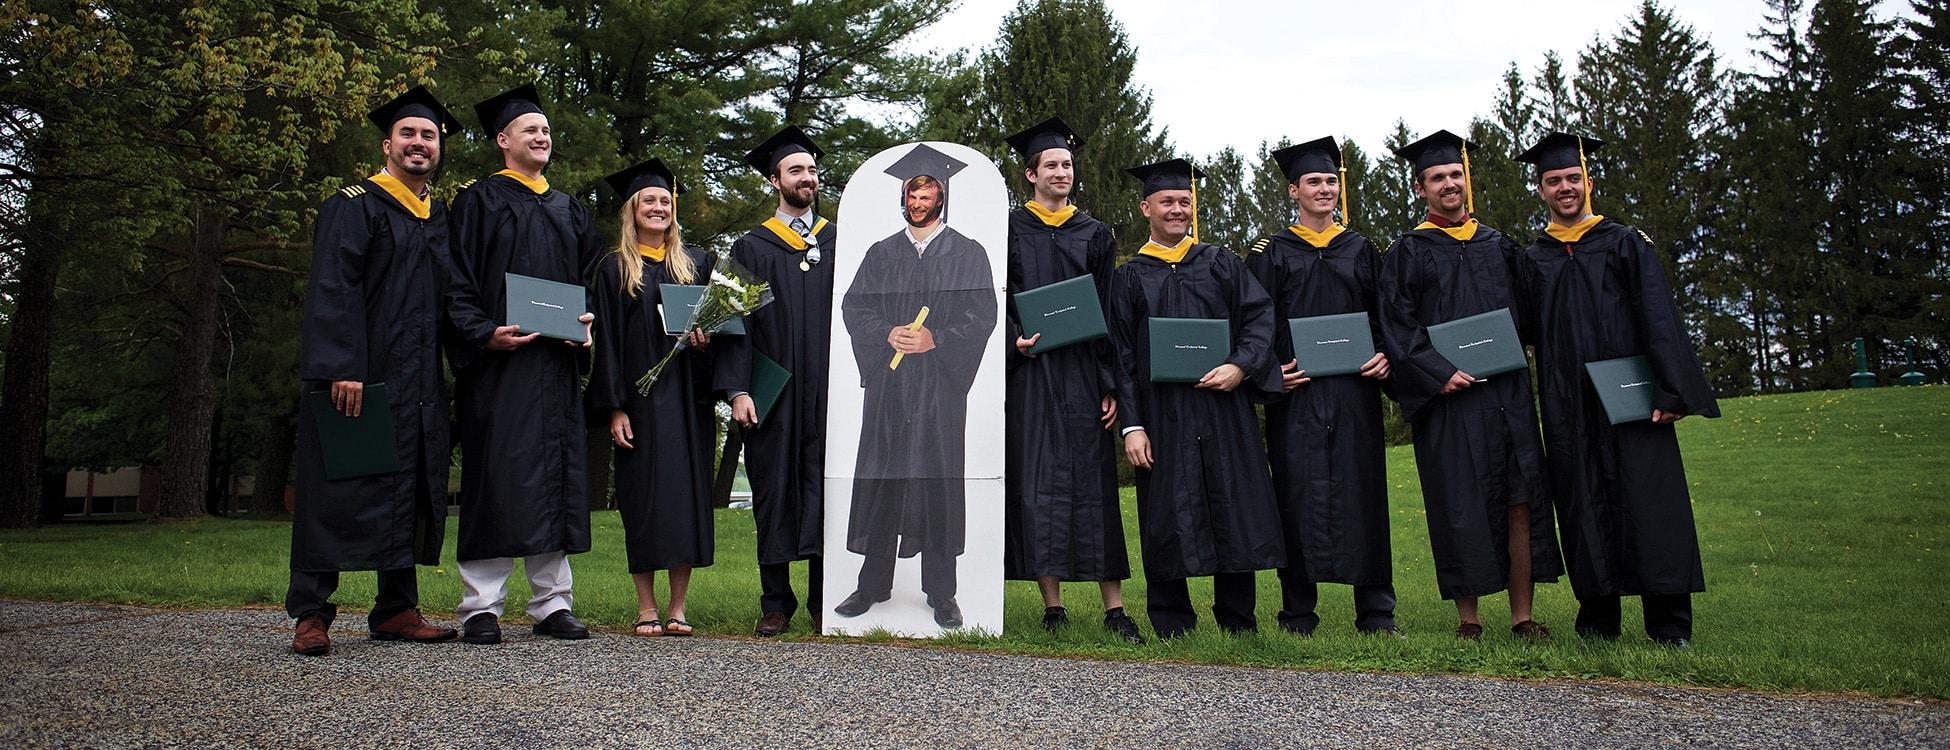 Professional Pilot technology, graduation, commencement, group photo